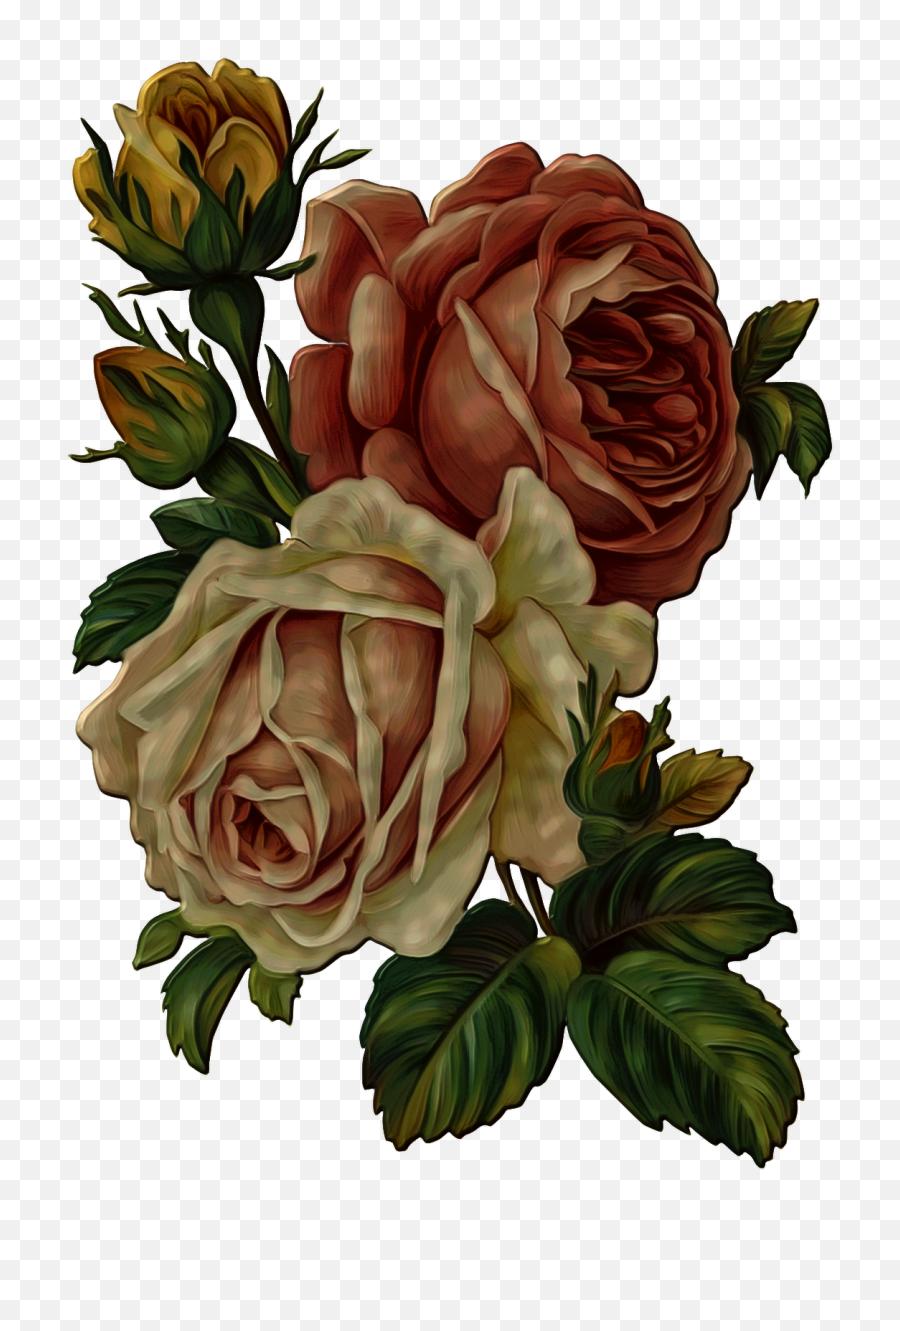 Vintage Rose Flower Png Transparent - Vintage Flower Png,Vintage Flower Png